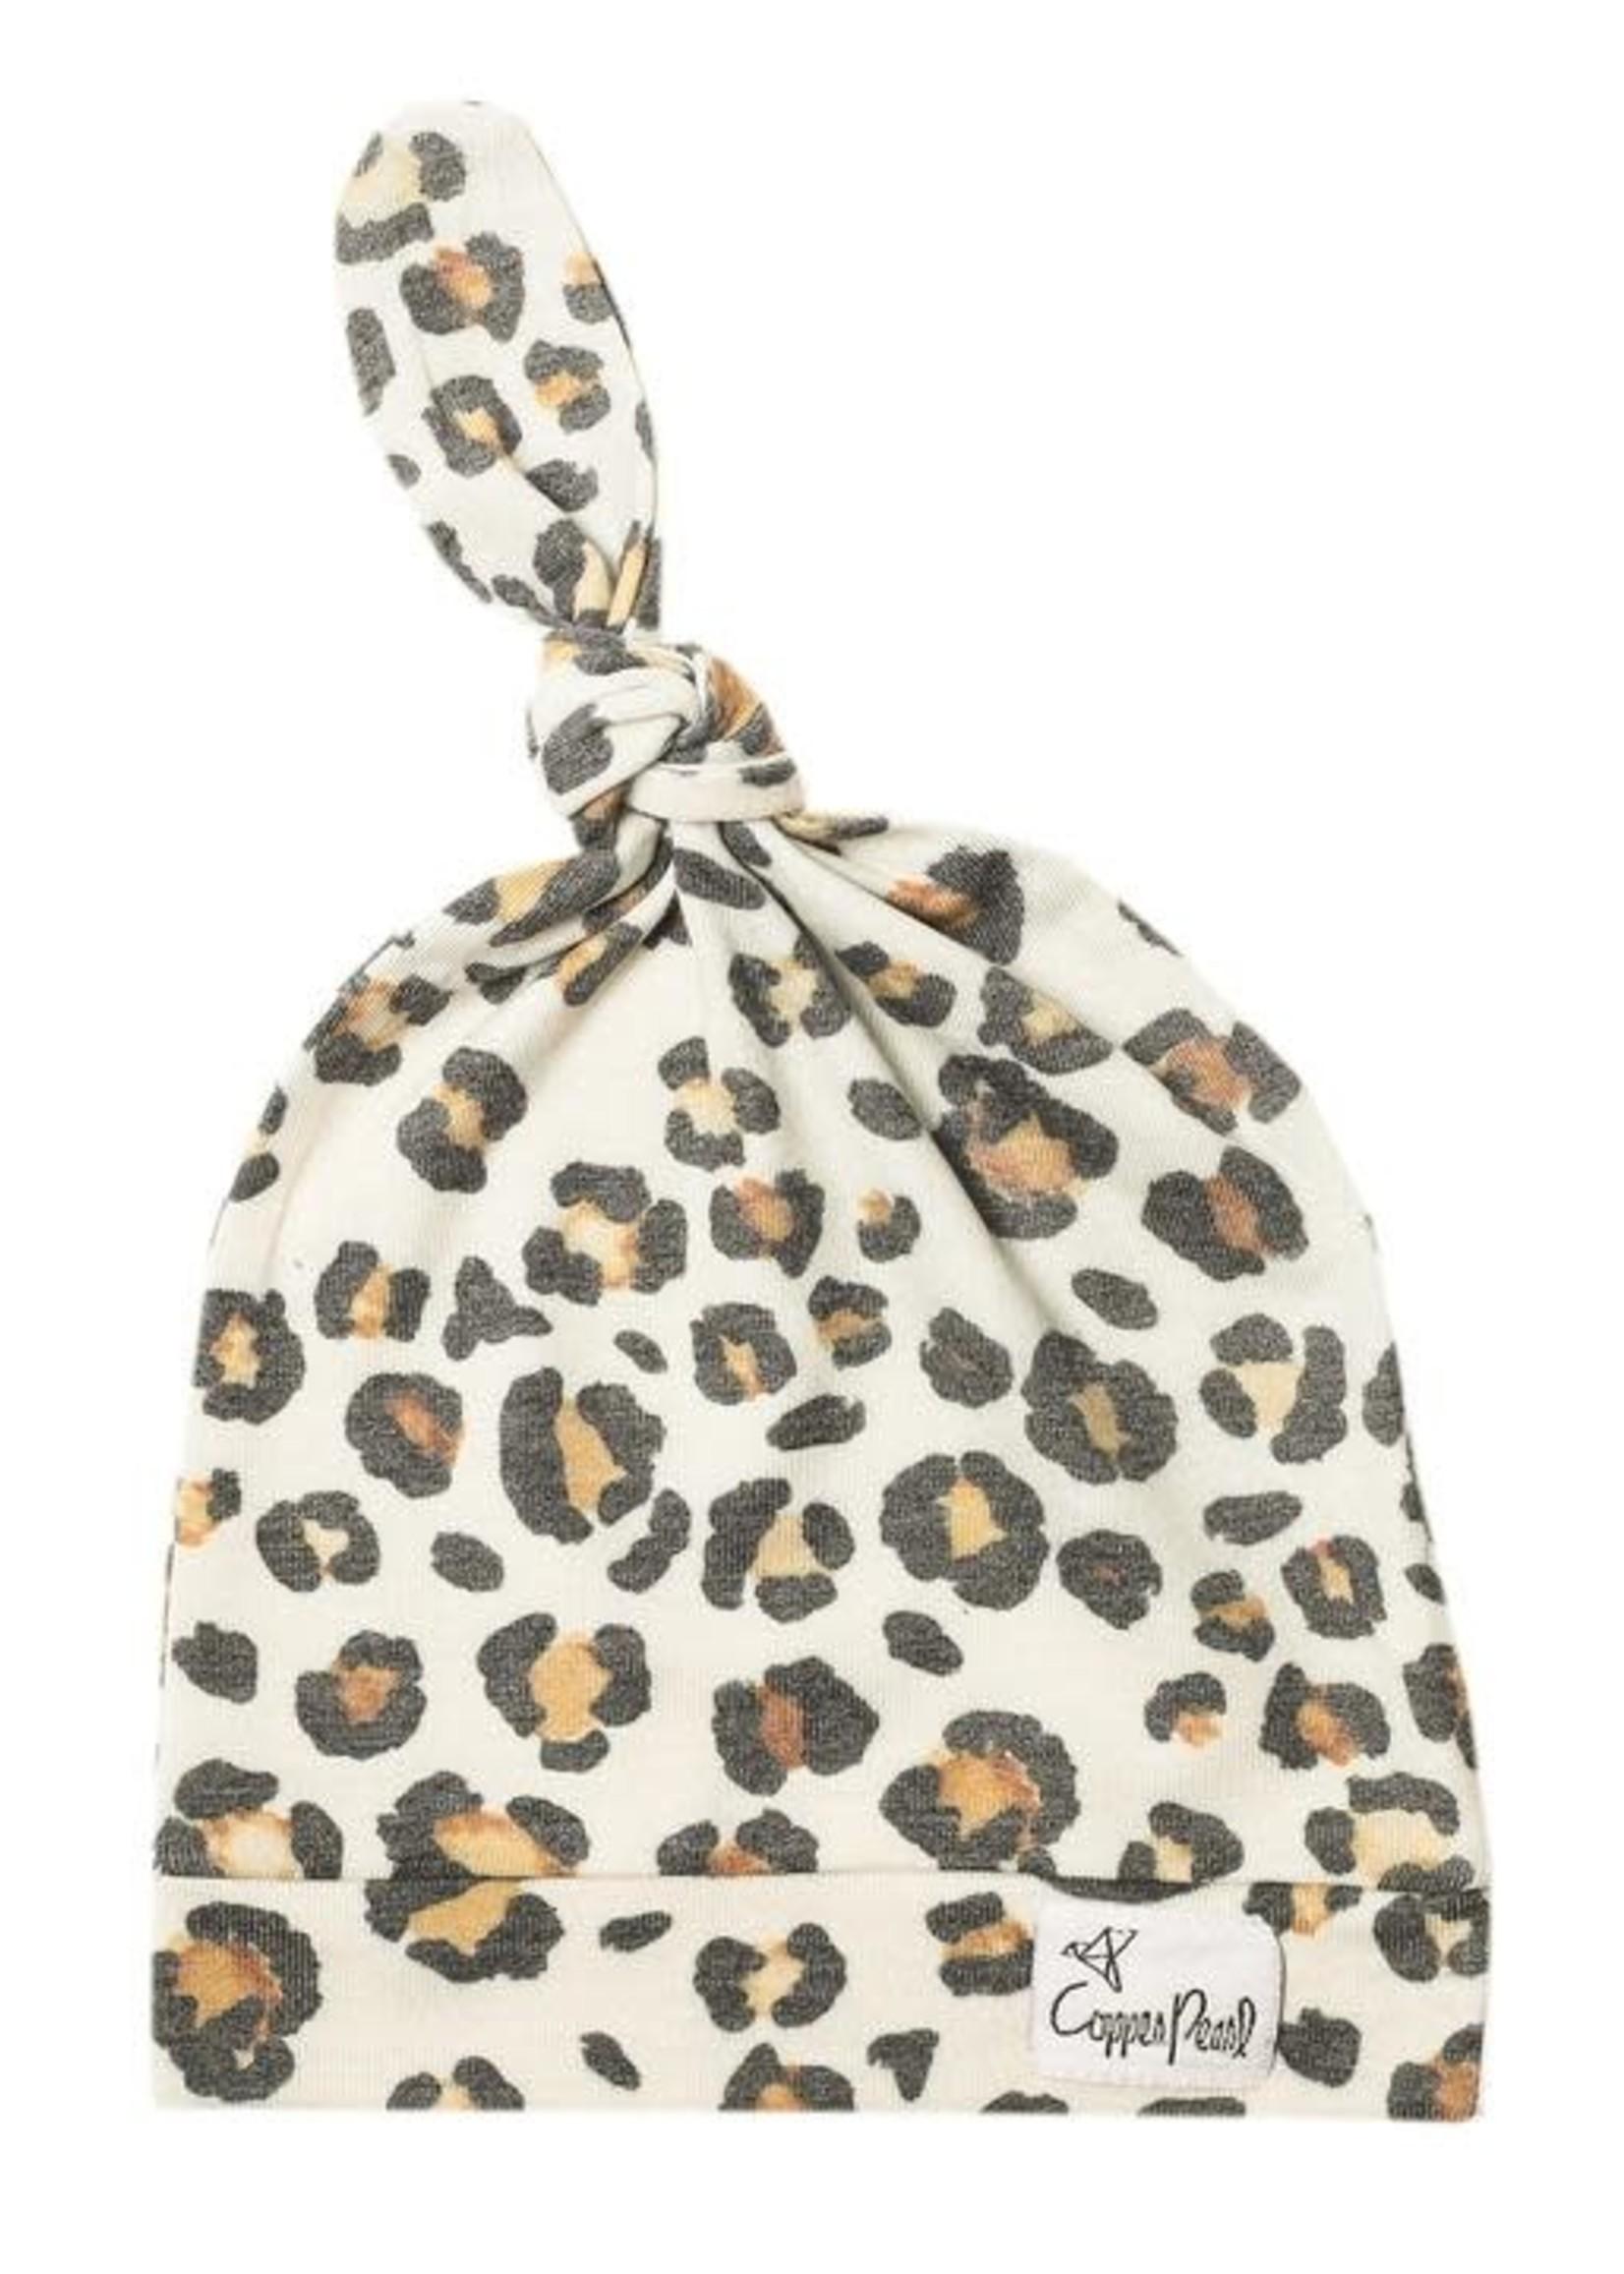 COPPER PEARL ZARA top knot hat